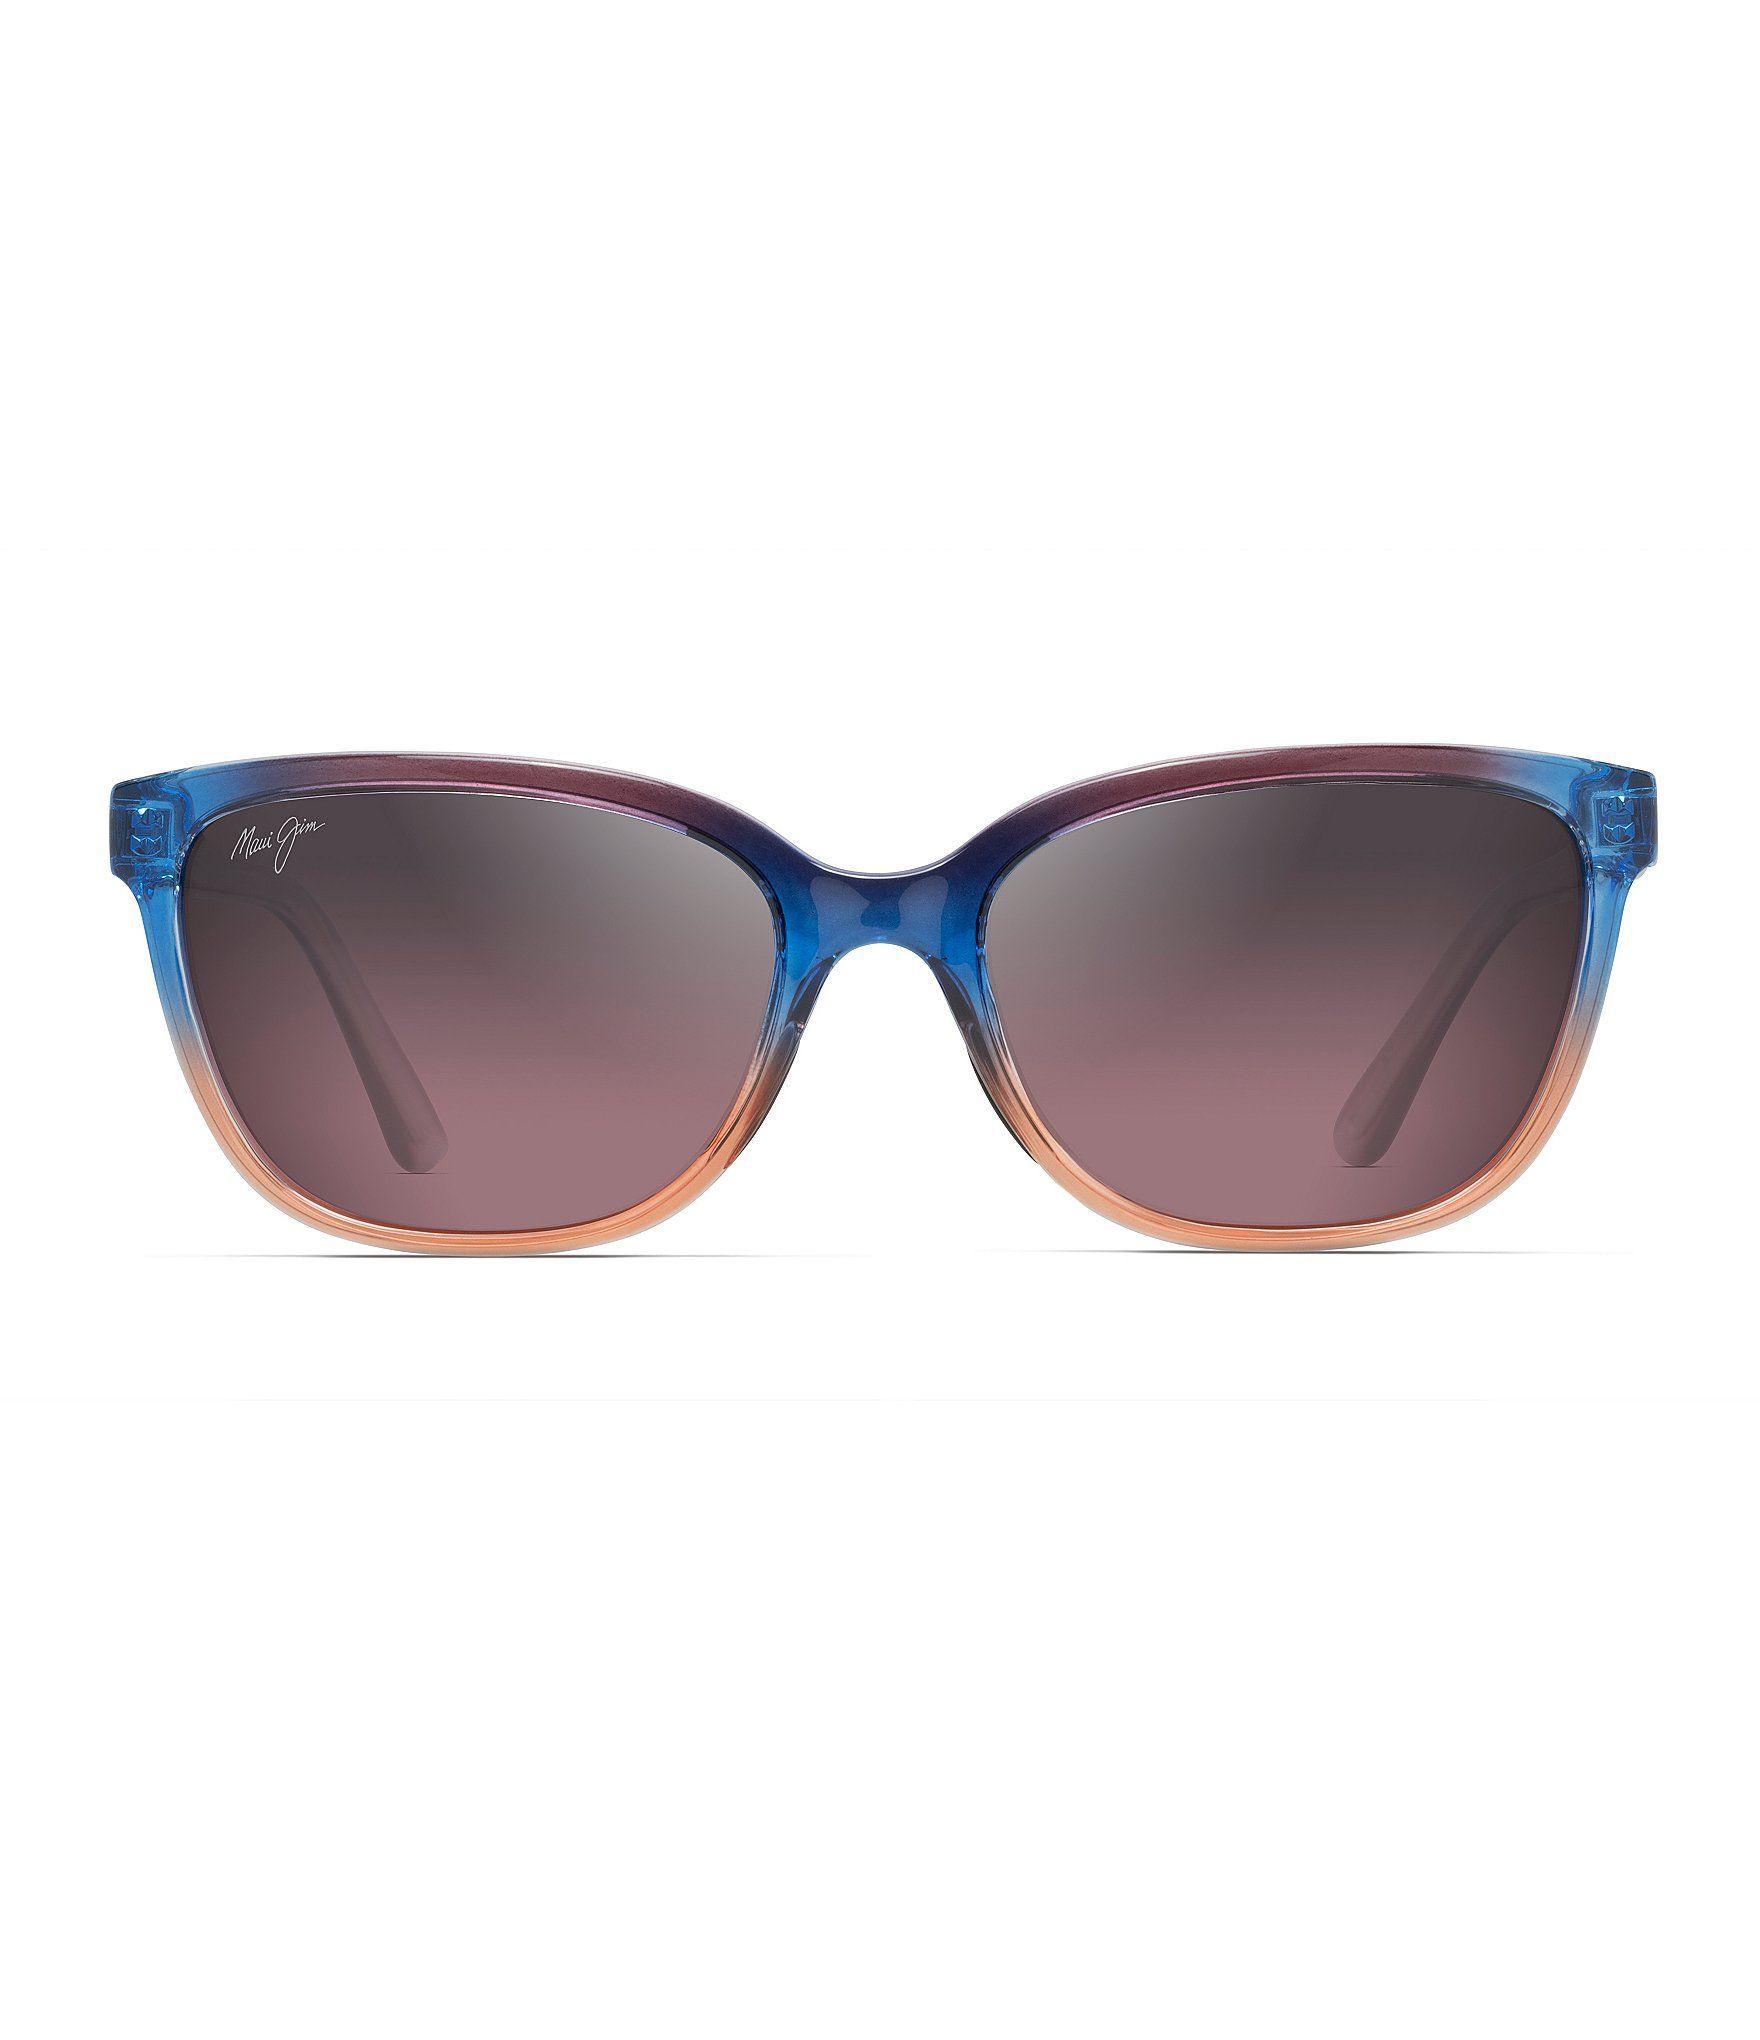 Maui jim honi colorblocked polarized cat eye sunglasses